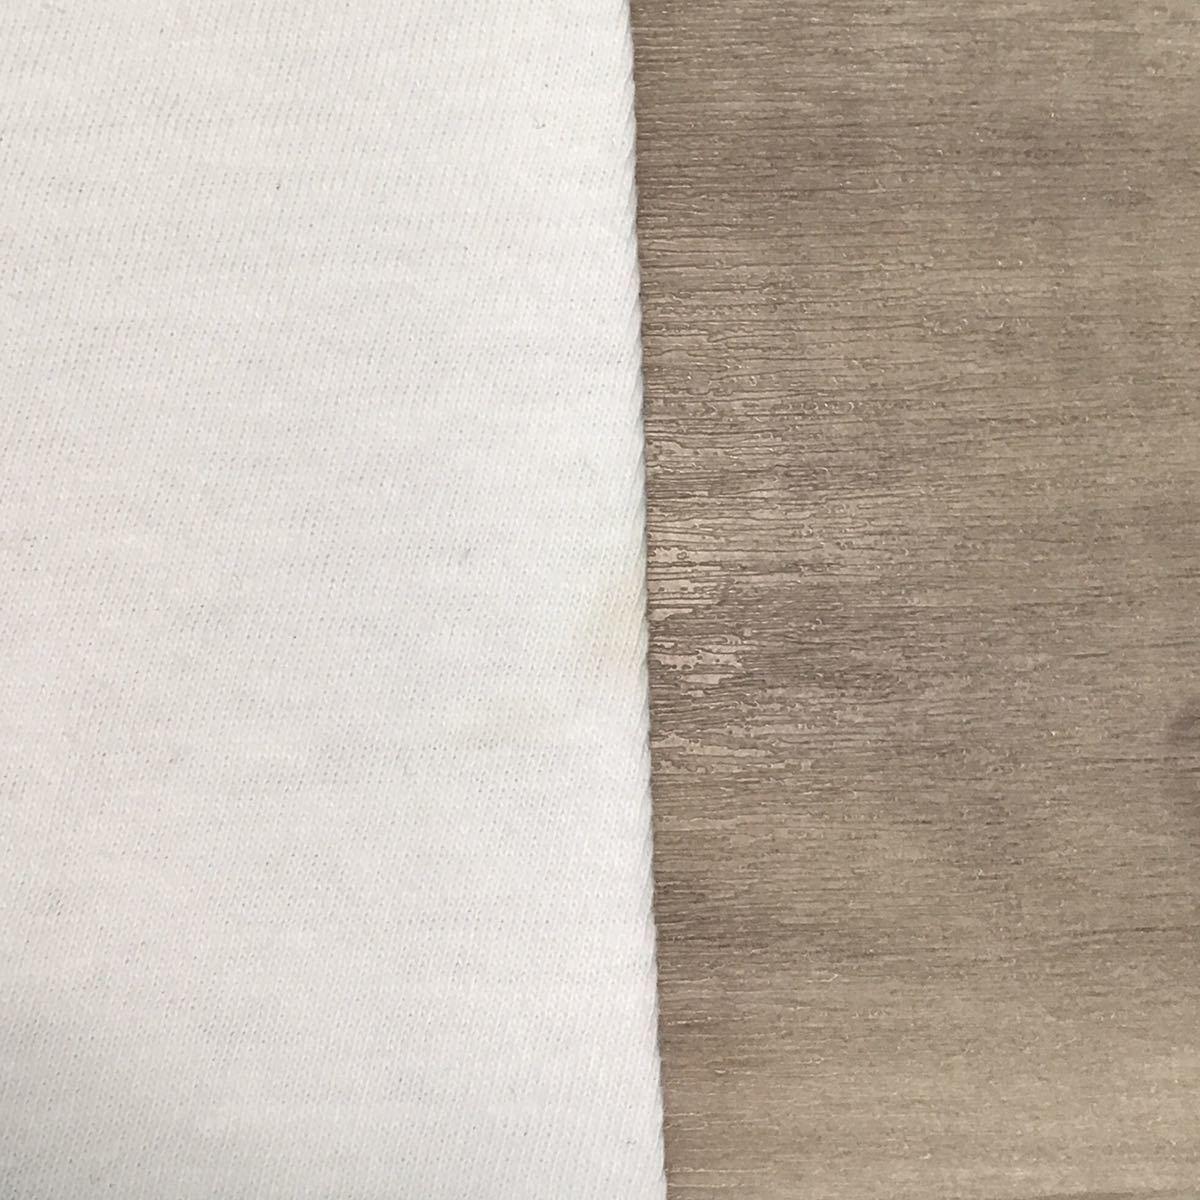 ★激レア★ 初期 oneita Tシャツ Mサイズ a bathing ape bape ビンテージ 裏原宿 オニータ 90s エイプ ベイプ vintage nigo スケシン ii53